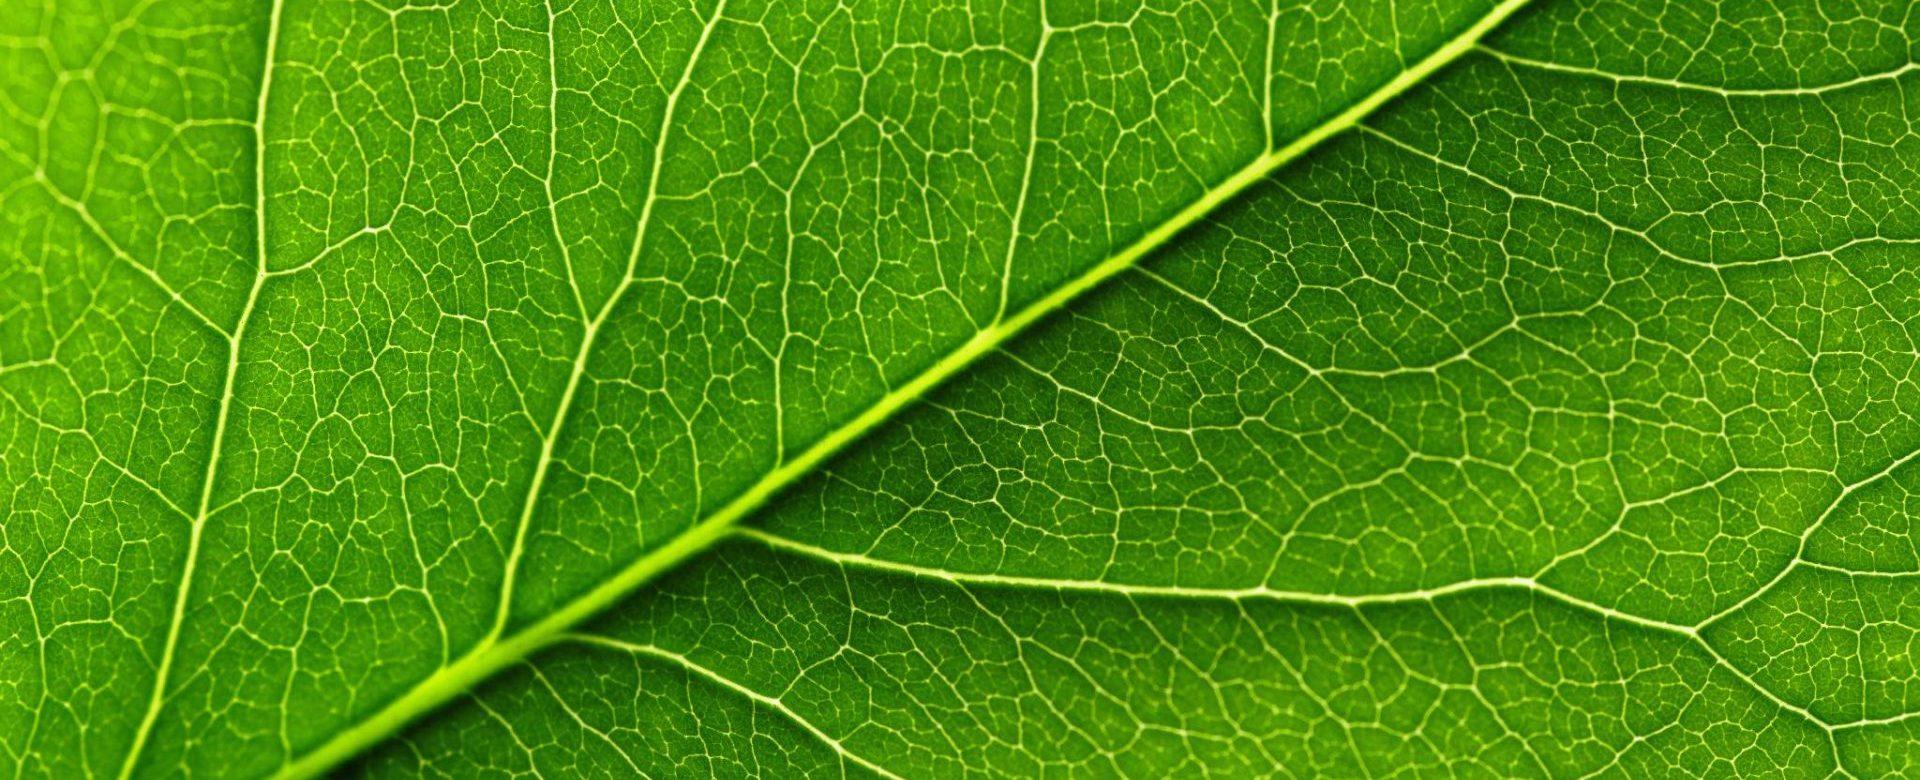 2-cnnct leaf